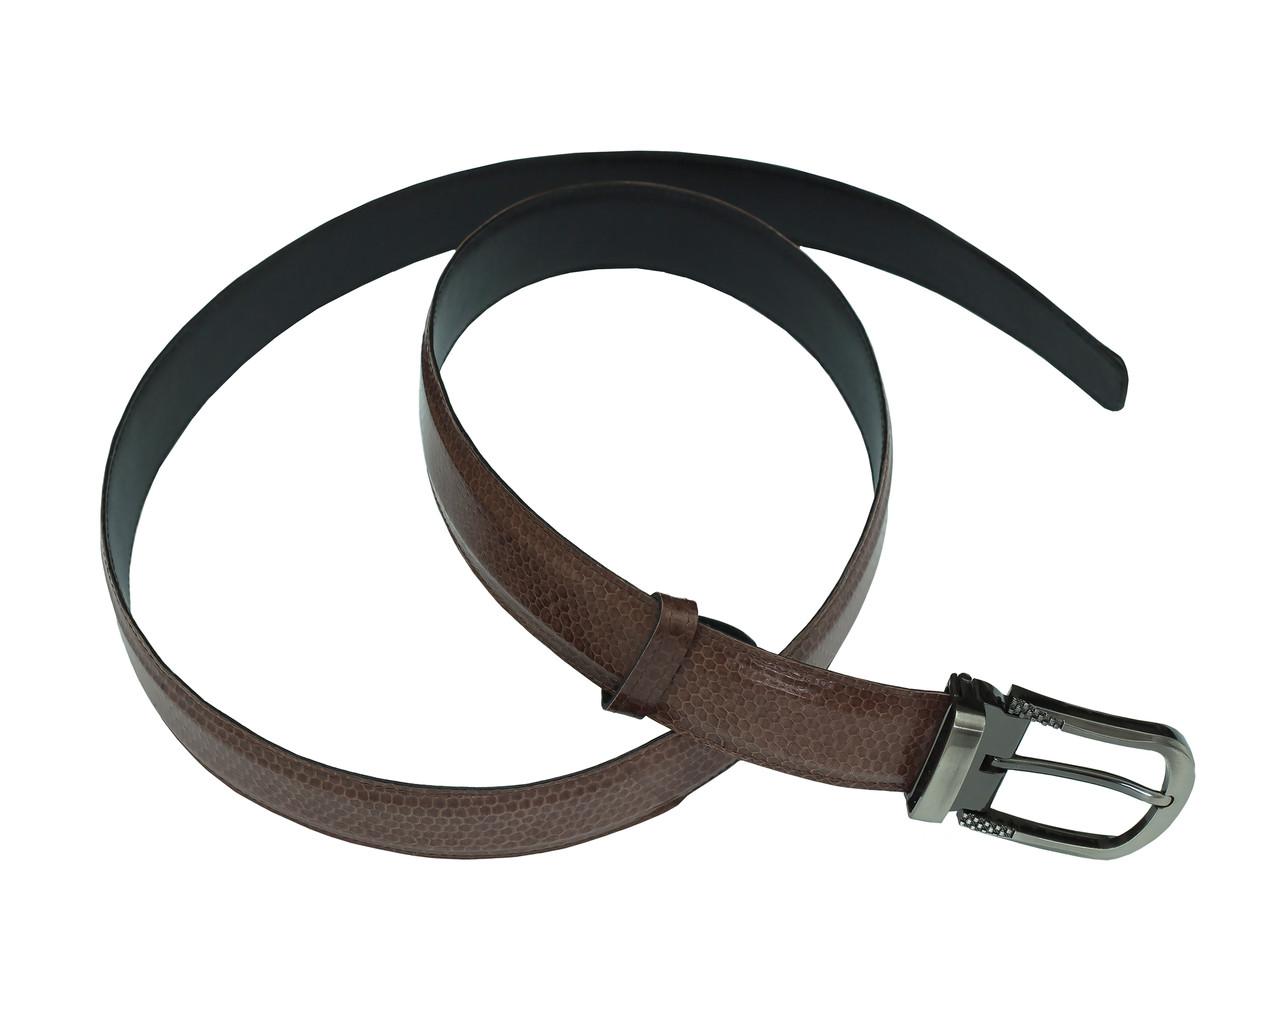 Ремень Ekzotic Leather из натуральной кожи морской змеи Темно - коричневый (snb 15_5)